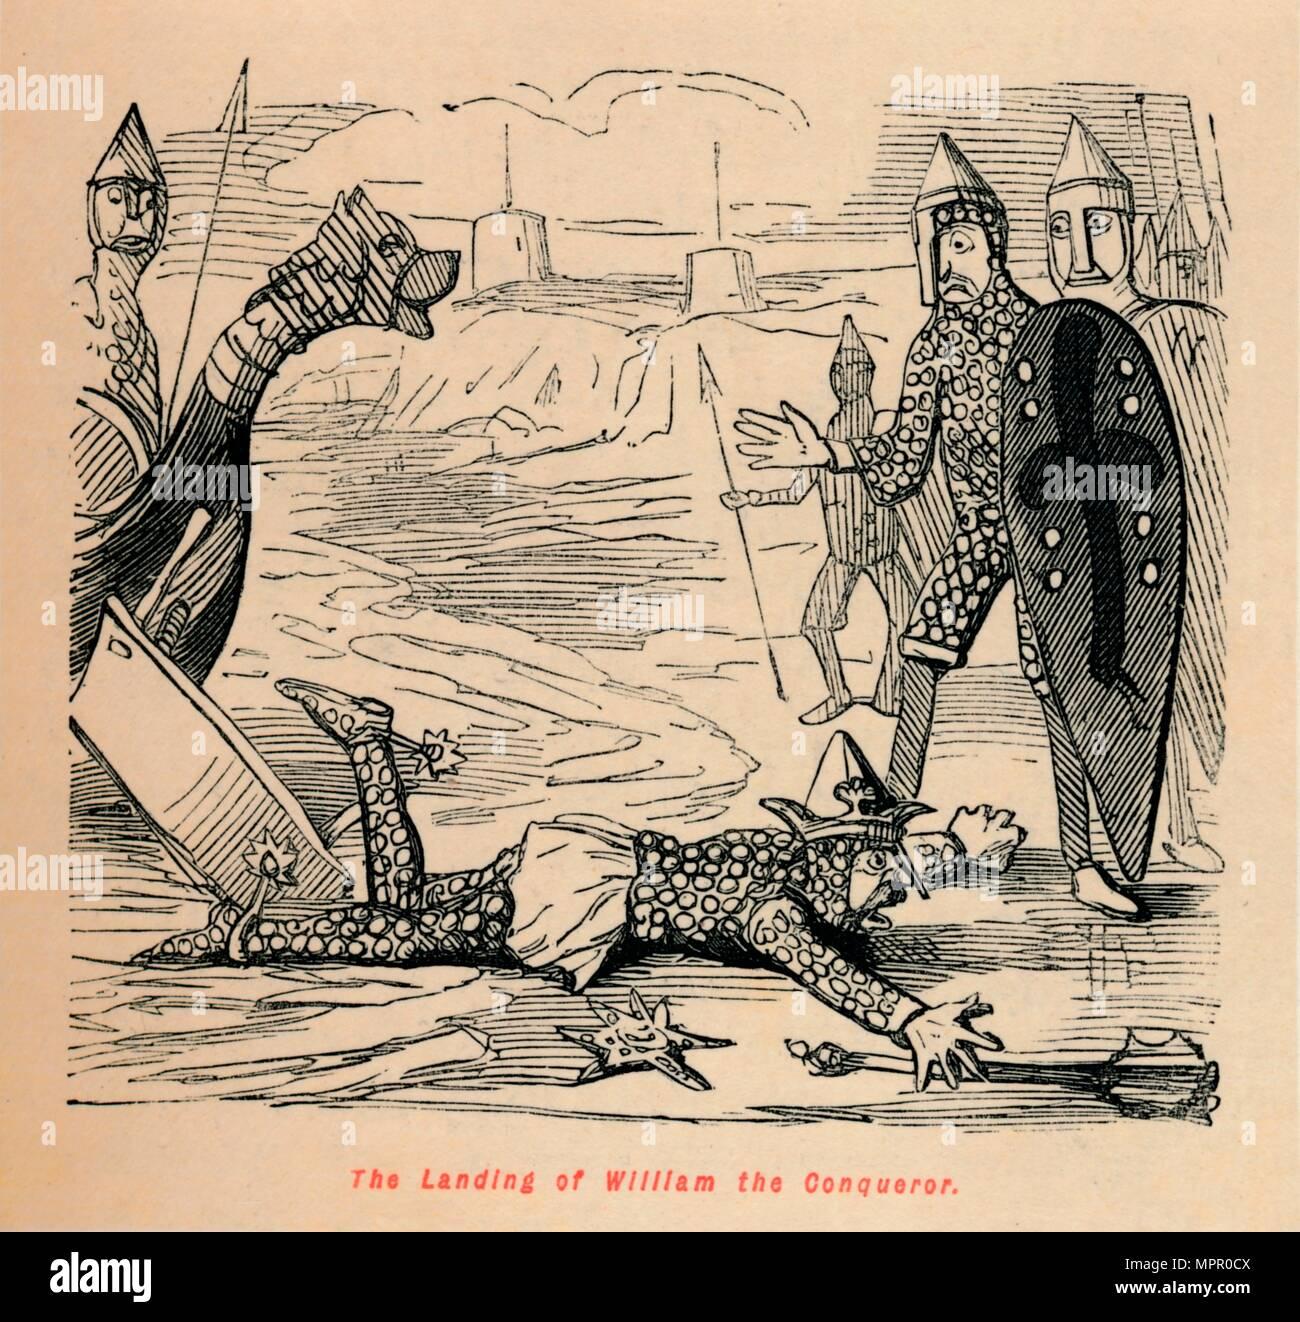 'The Landing of William the Conqueror', c1860, (c1860). Artist: John Leech. - Stock Image